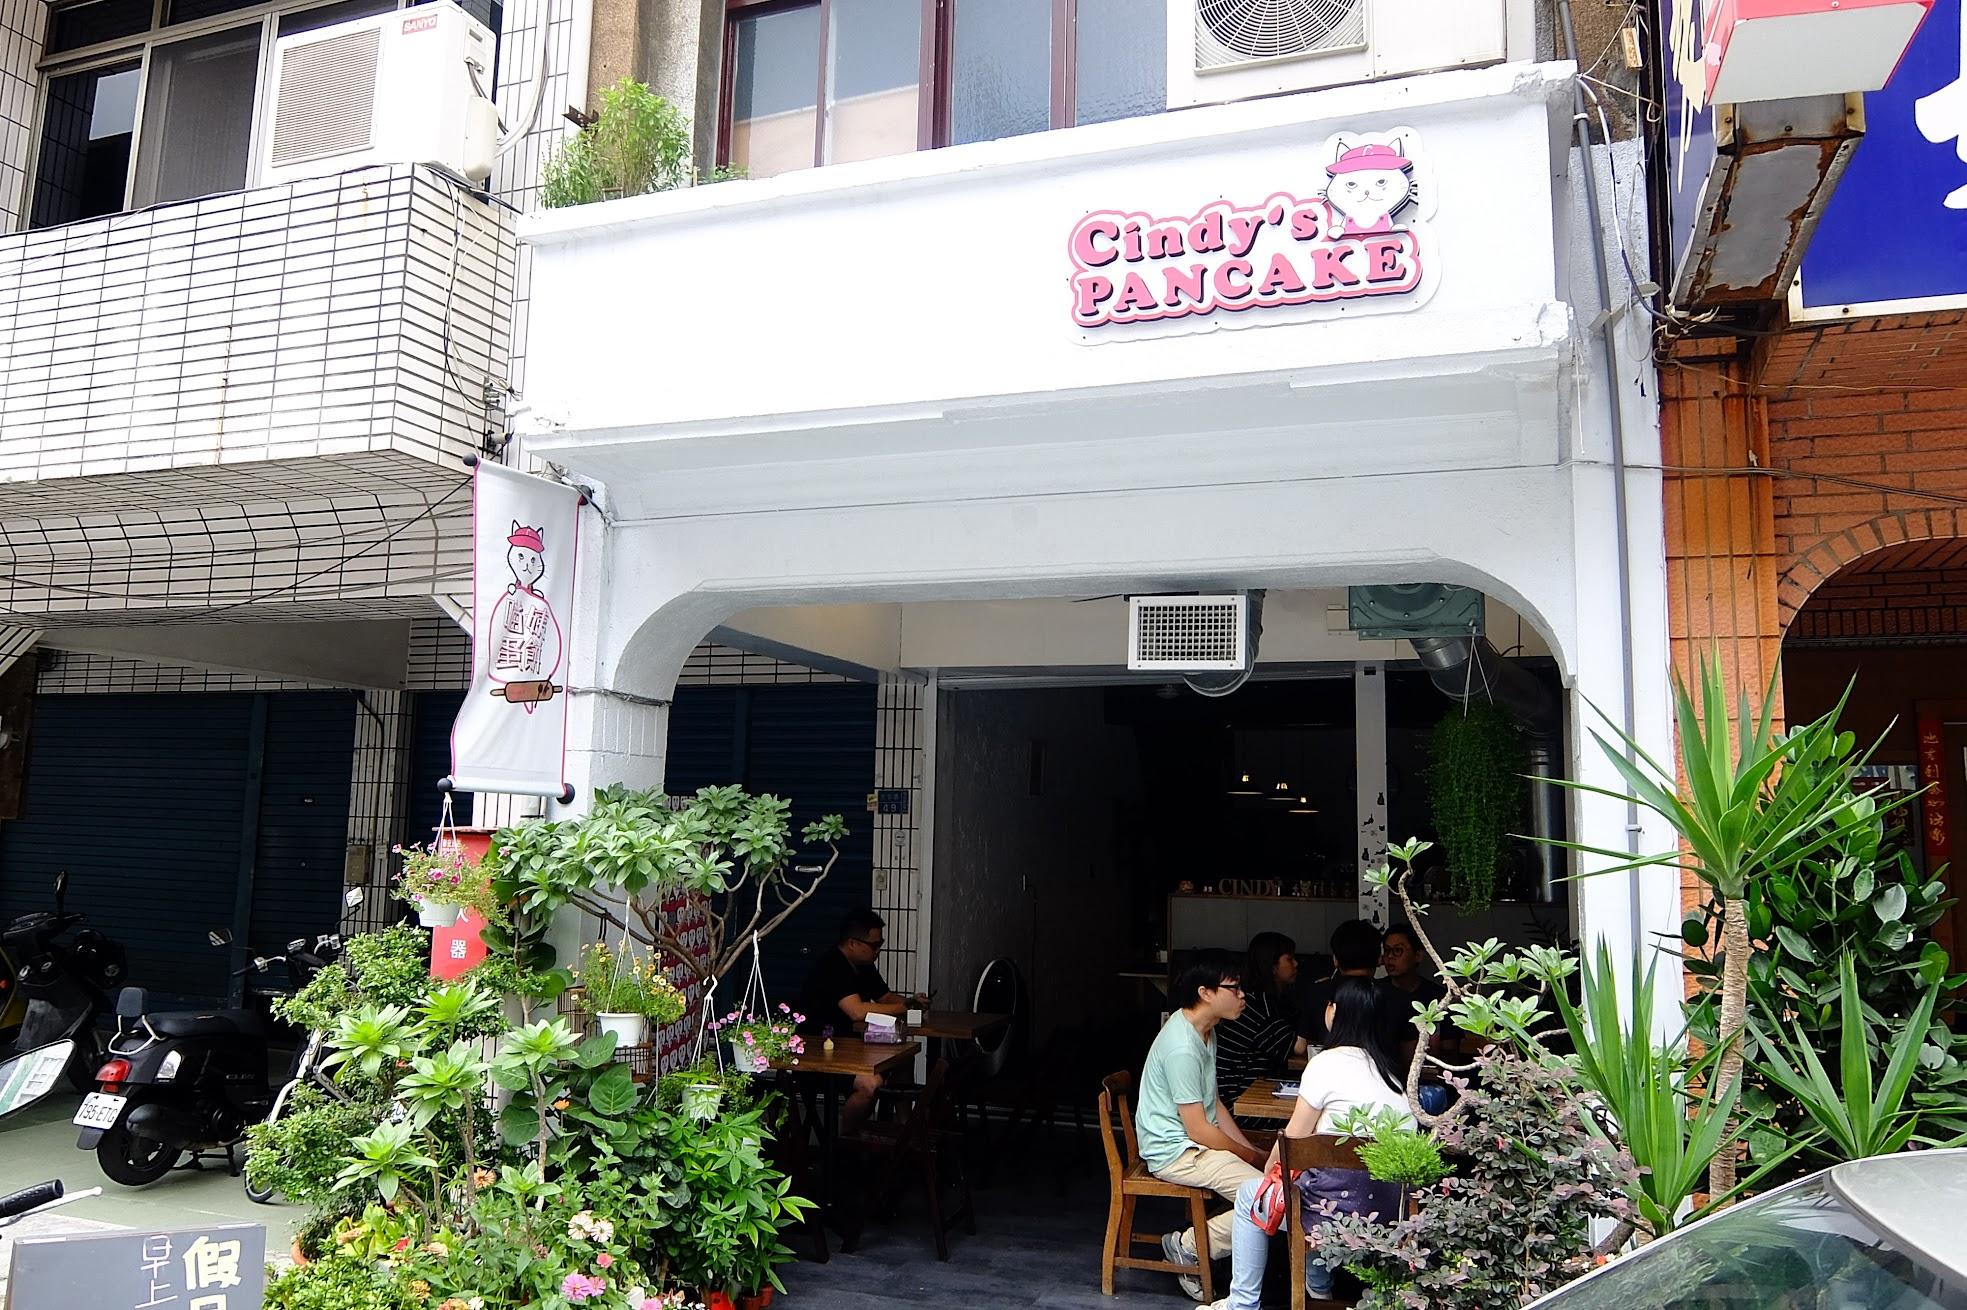 第一次經過以為是飲料店或鬆餅店,結果是蛋餅店XD